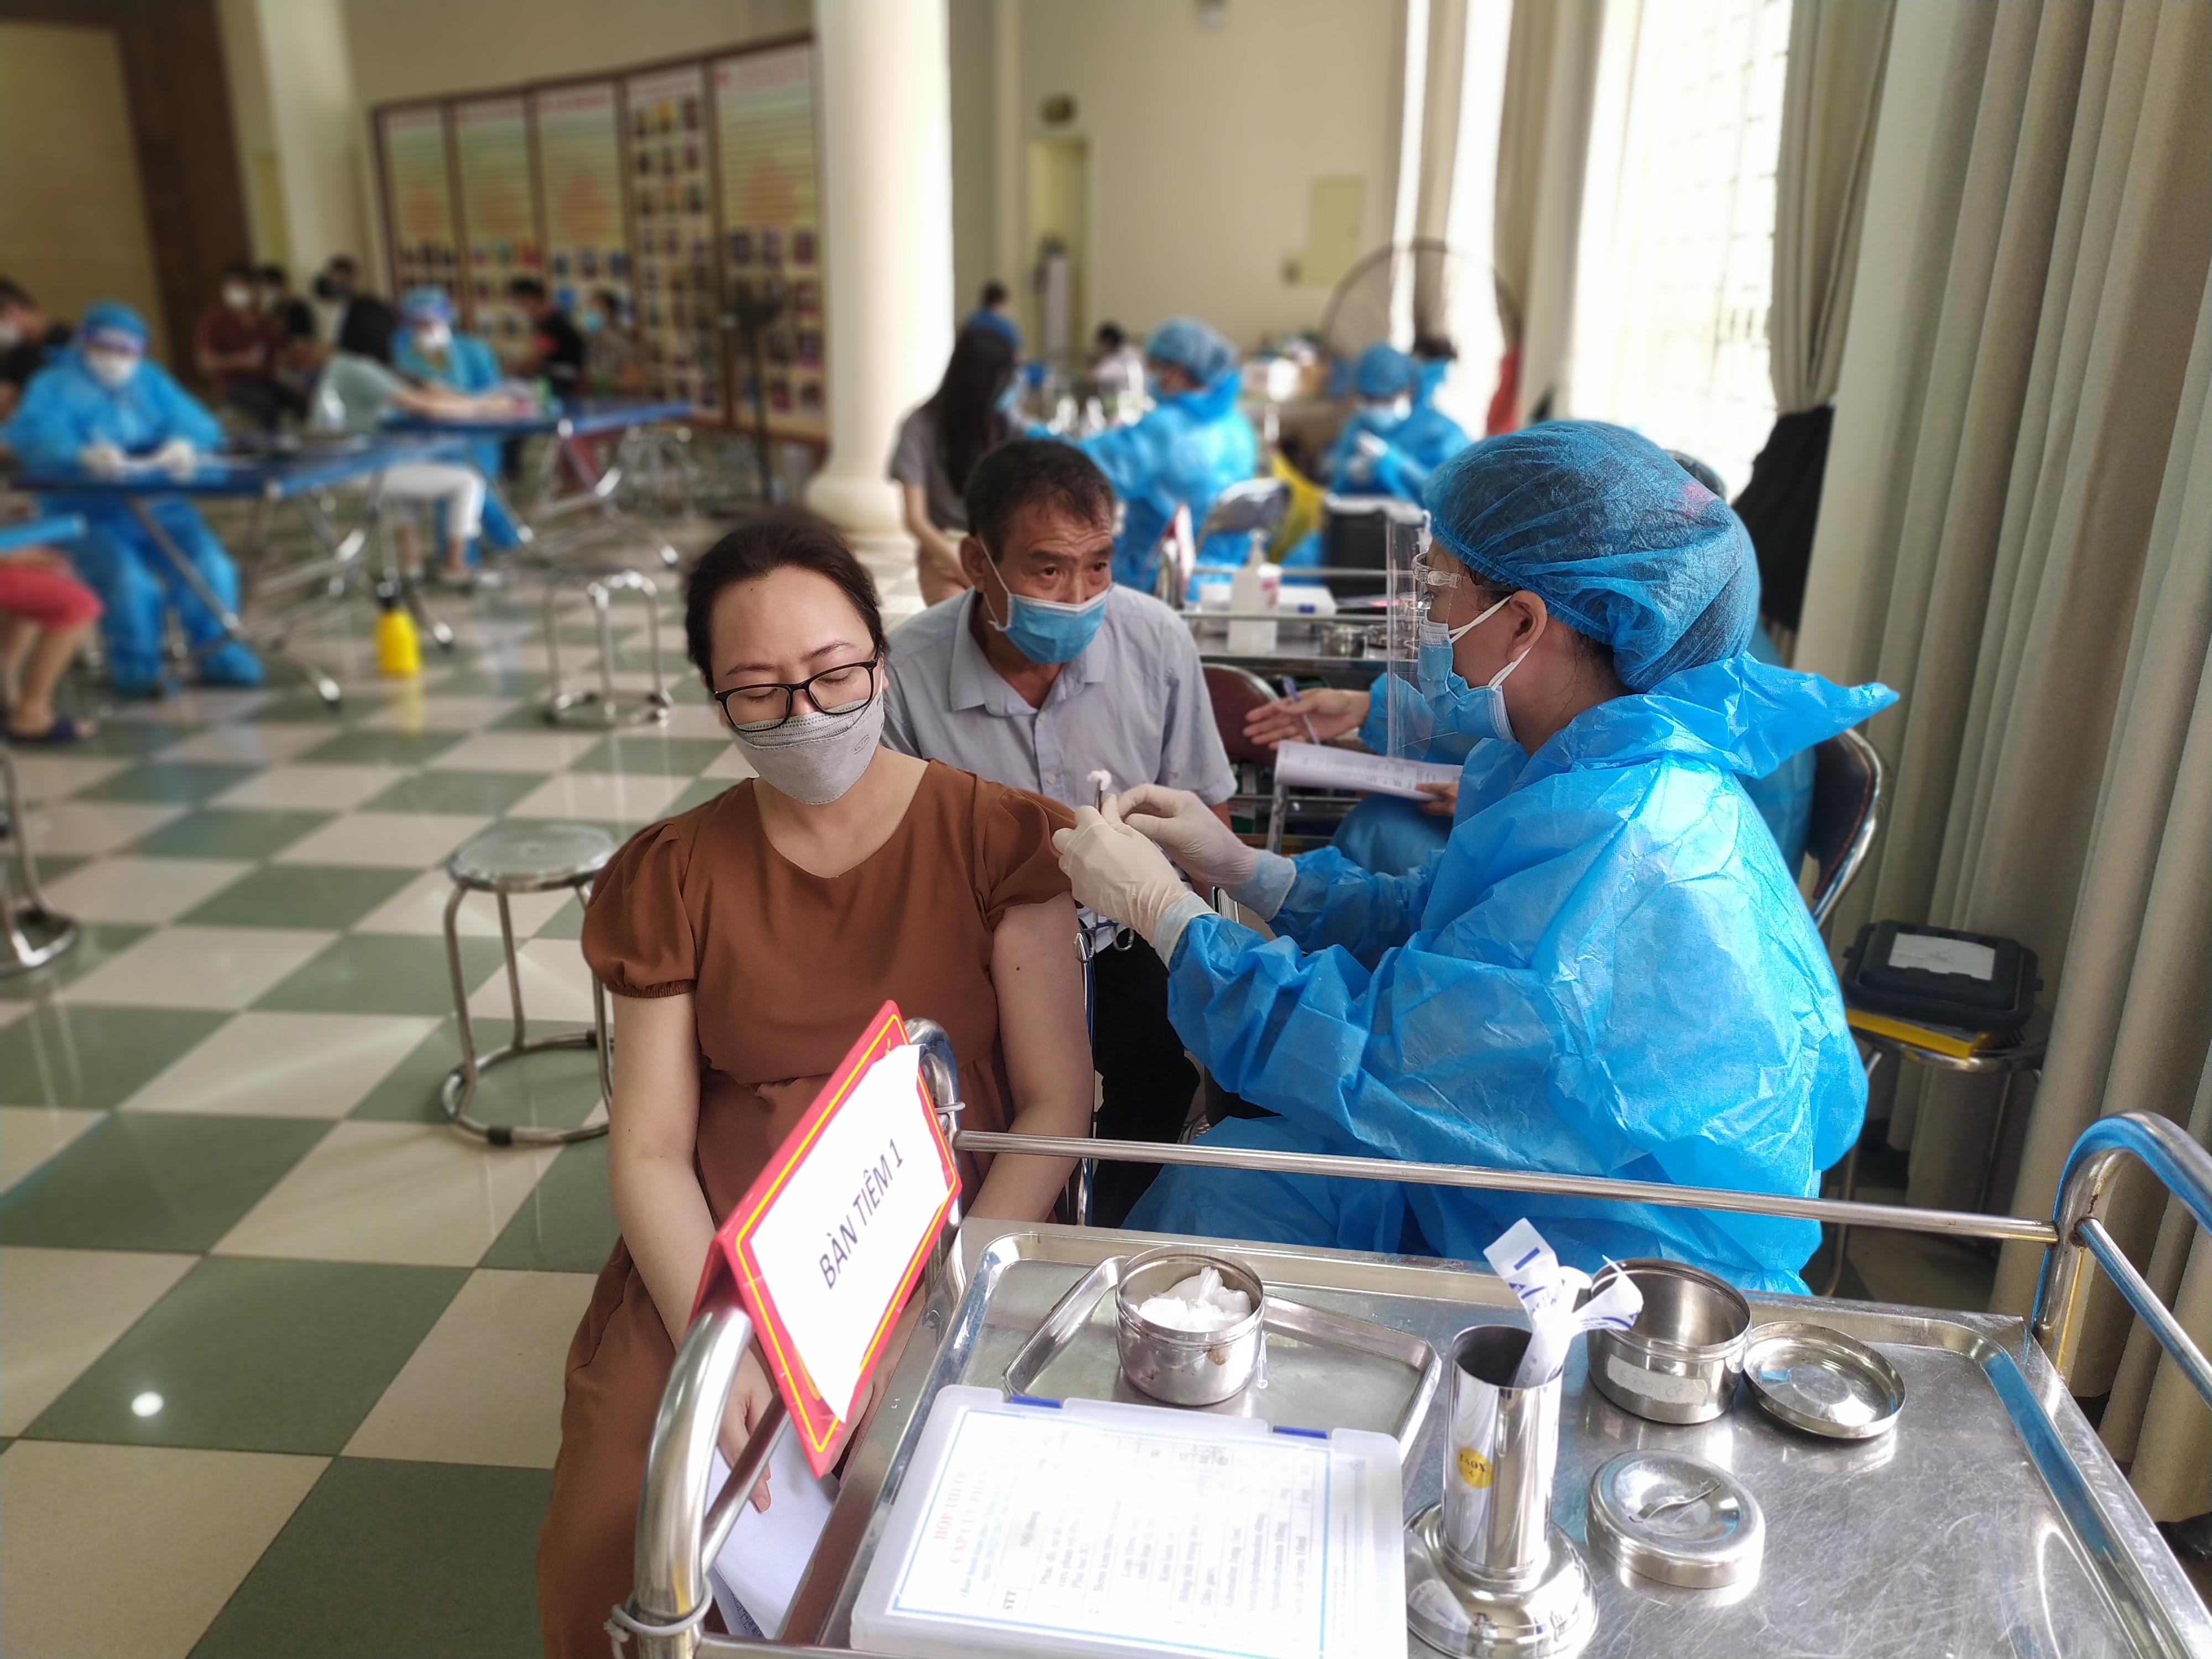 Người dân đến tiêm phòng Covid-19 tại trung tâm văn hoá huyện Thanh Trì